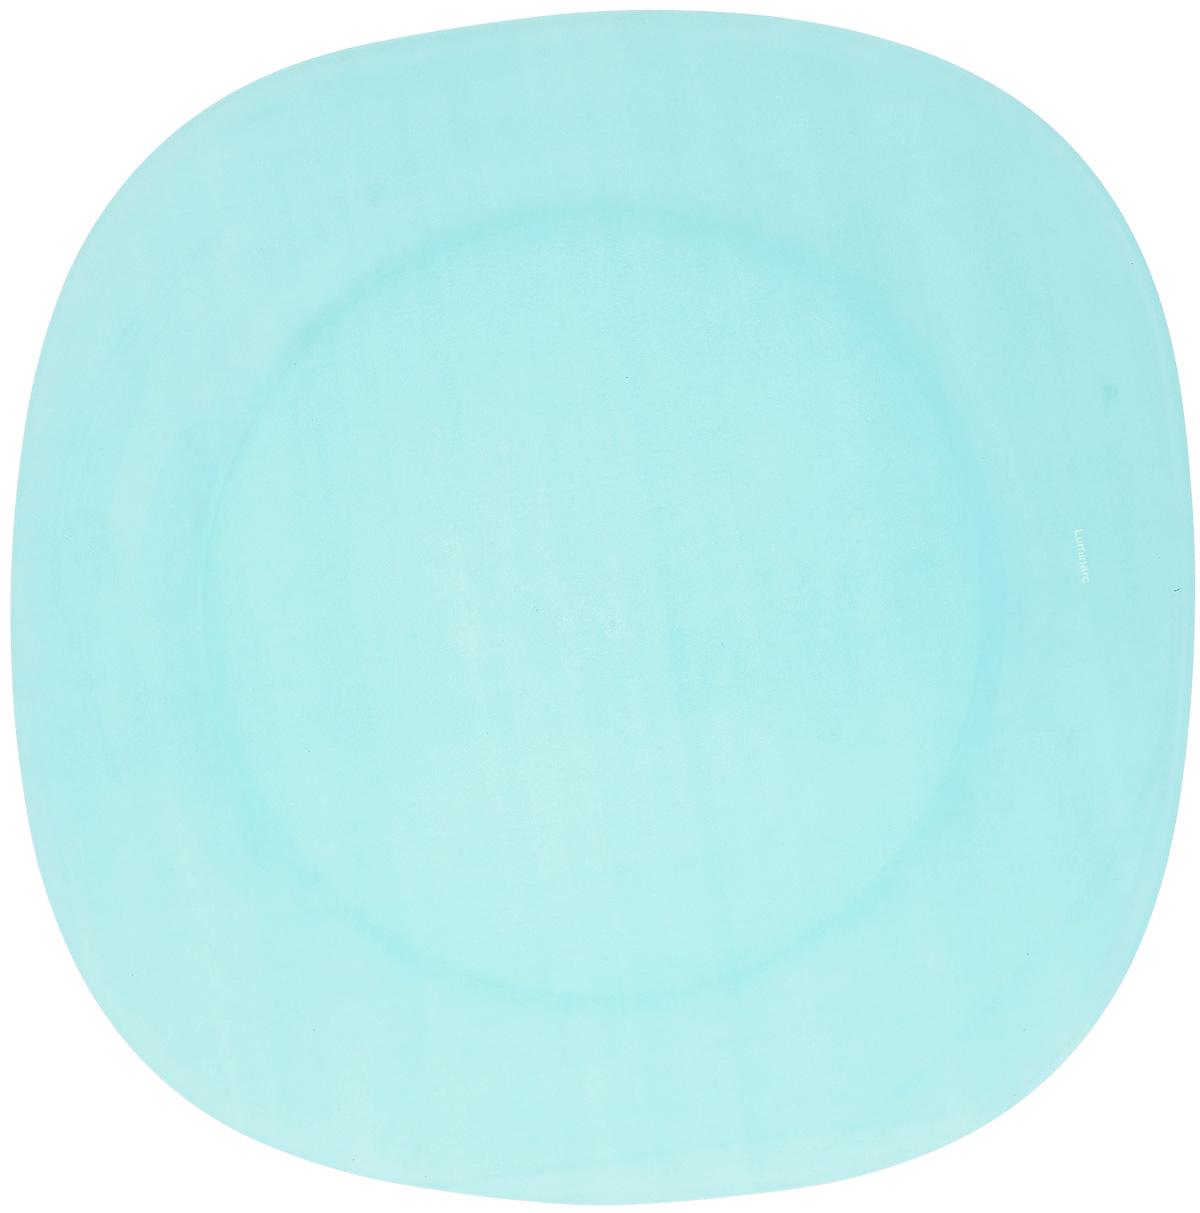 Тарелка обеденная Luminarc Colorama Blue, 25,5 х 25,5 смJ7756Обеденная тарелка Luminarc Colorama Blue, изготовленная из высококачественного стекла, имеет изысканный внешний вид. Яркий дизайн придется по вкусу и ценителям классики, и тем, кто предпочитает утонченность. Тарелка Luminarc Colorama Blue идеально подойдет для сервировки вторых блюд из птицы, рыбы, мяса или овощей, а также станет отличным подарком к любому празднику.Размер тарелки (по верхнему краю): 25,5 х 25,5 см.